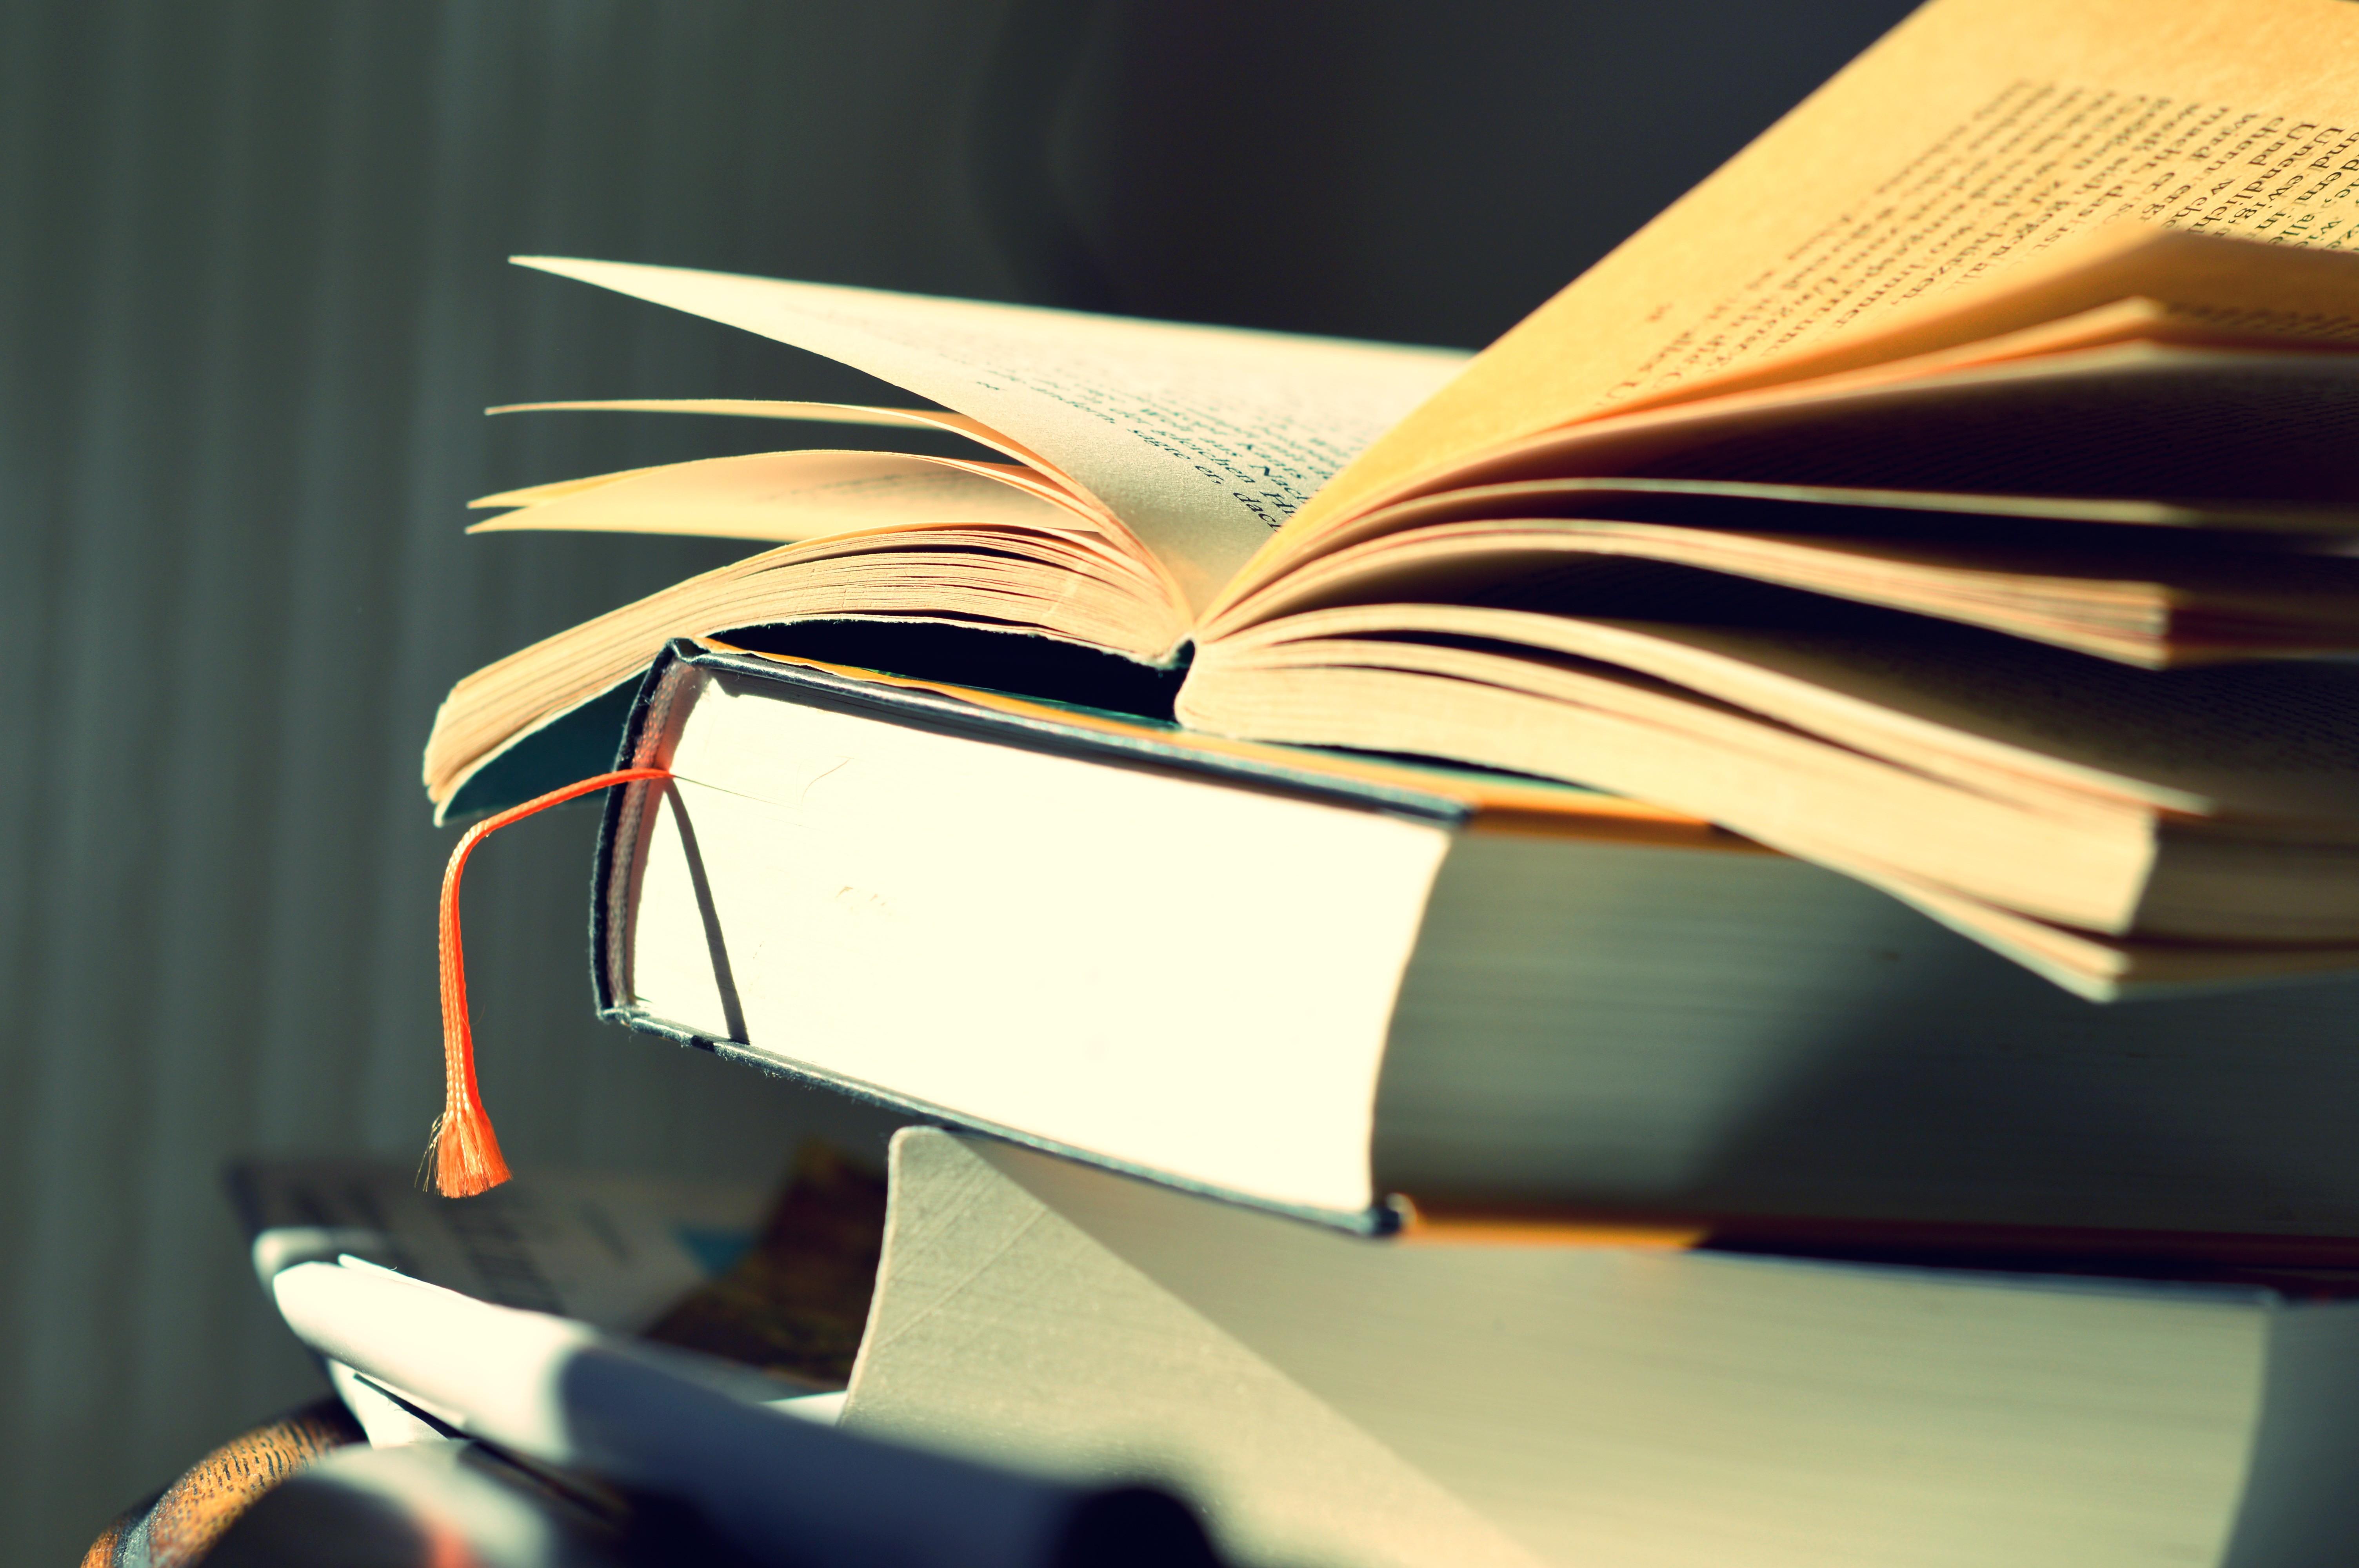 Эротика  читать и скачать бесплатно электронные книги на